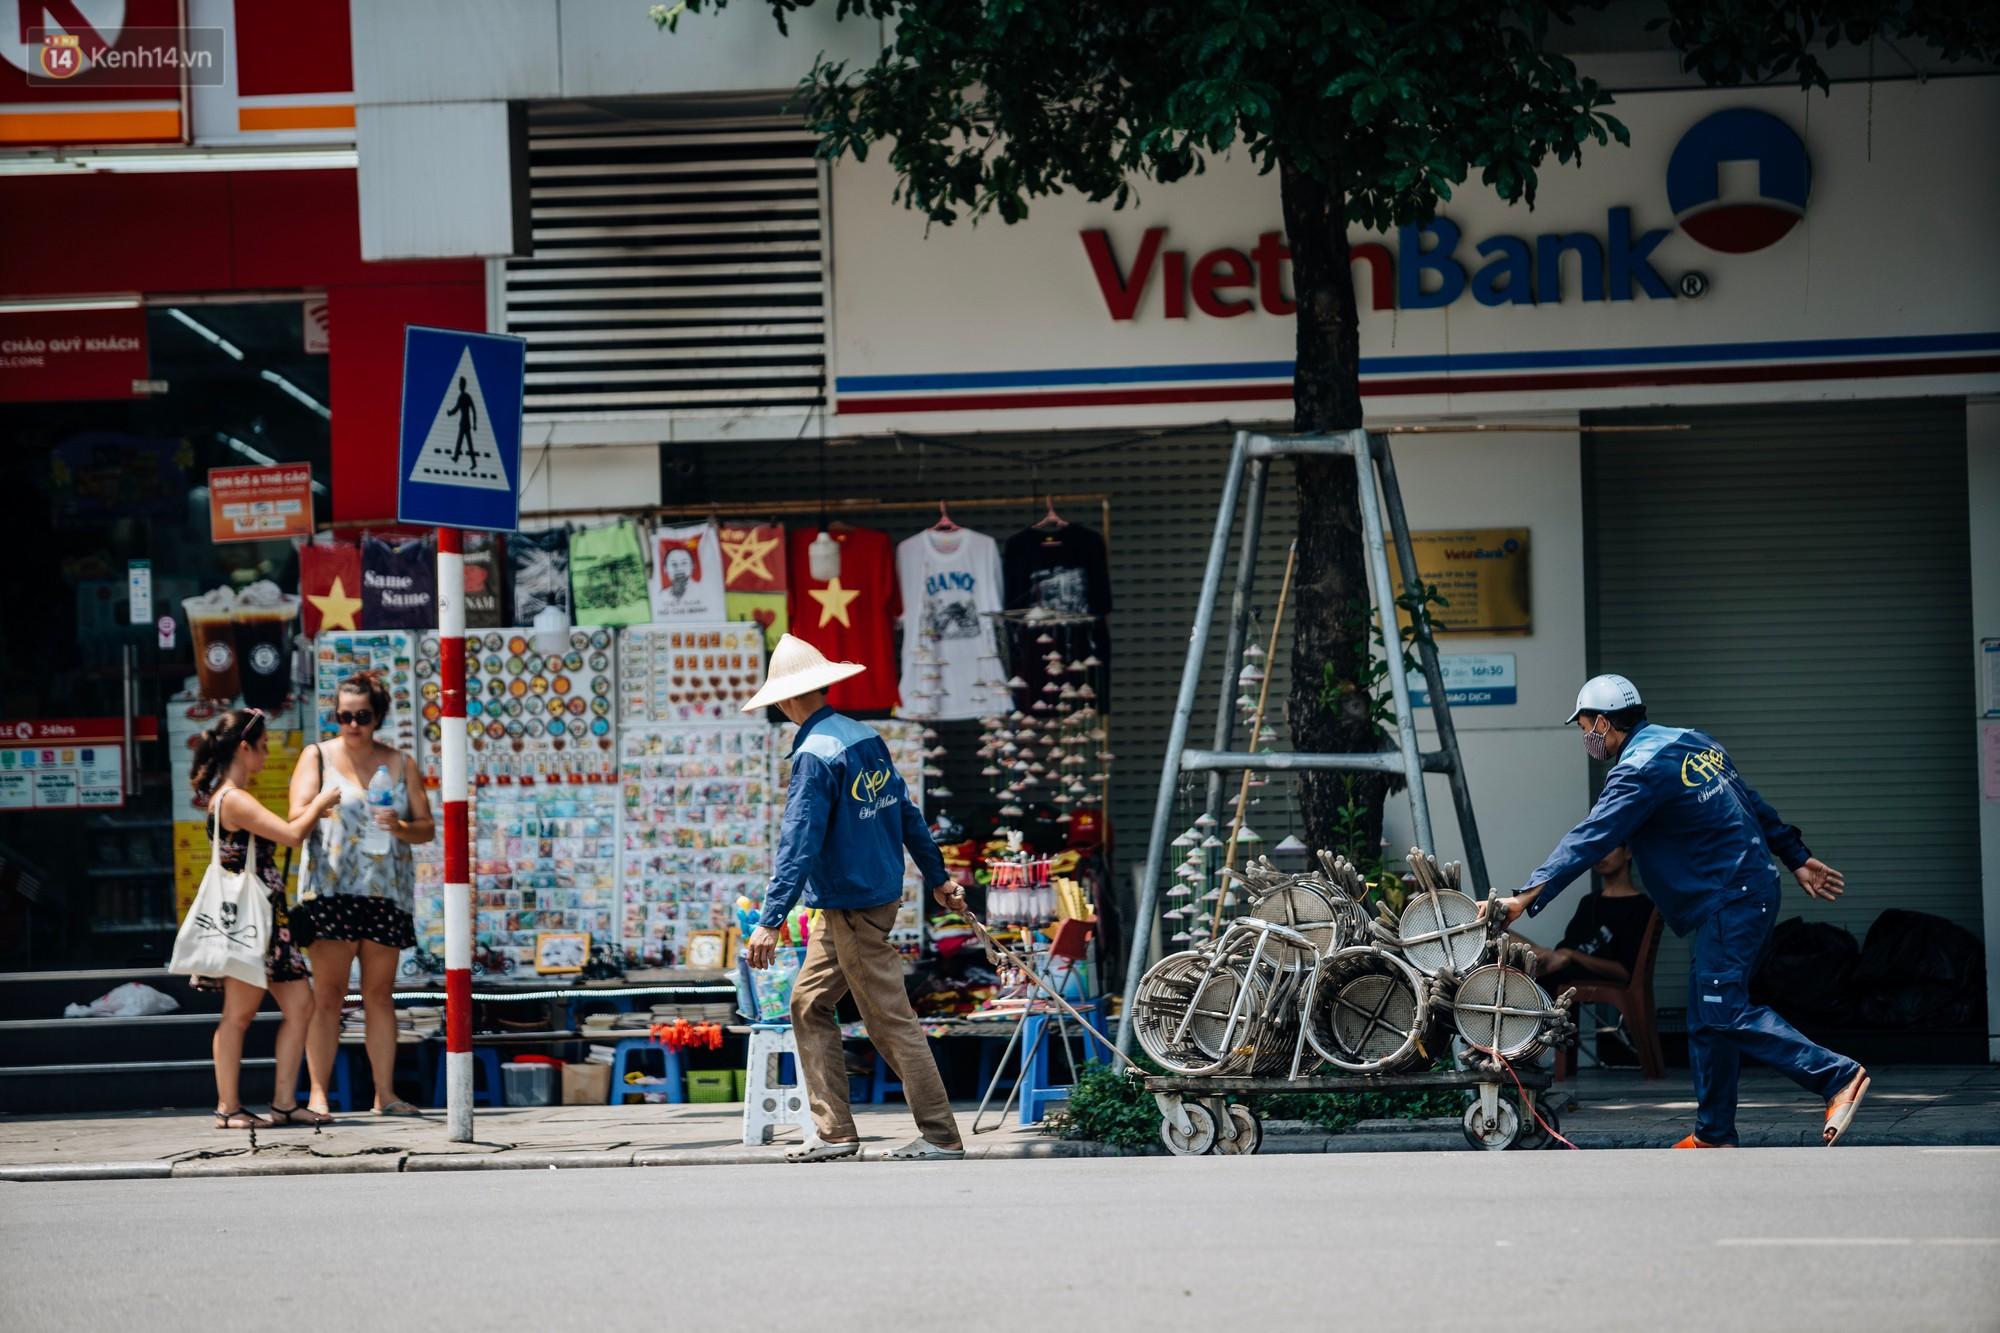 Người lao động ở Hà Nội vật vã chống chọi với nắng nóng trên 40 độ C, chỉ mong trời dịu mát phần nào - Ảnh 1.